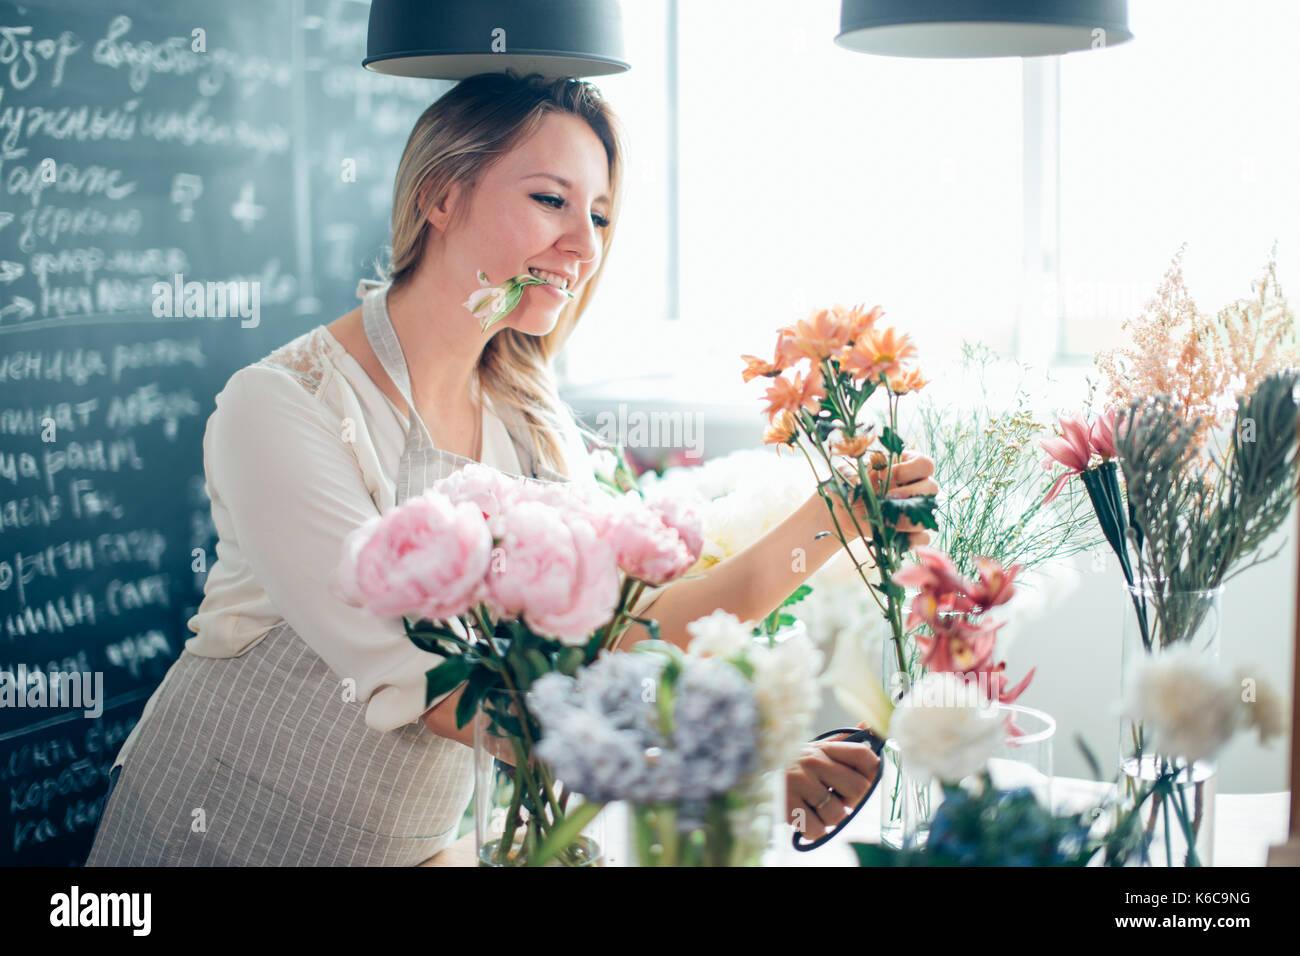 Sorridente bella giovane donna fioraio disponendo le piante nel negozio di fiori Immagini Stock